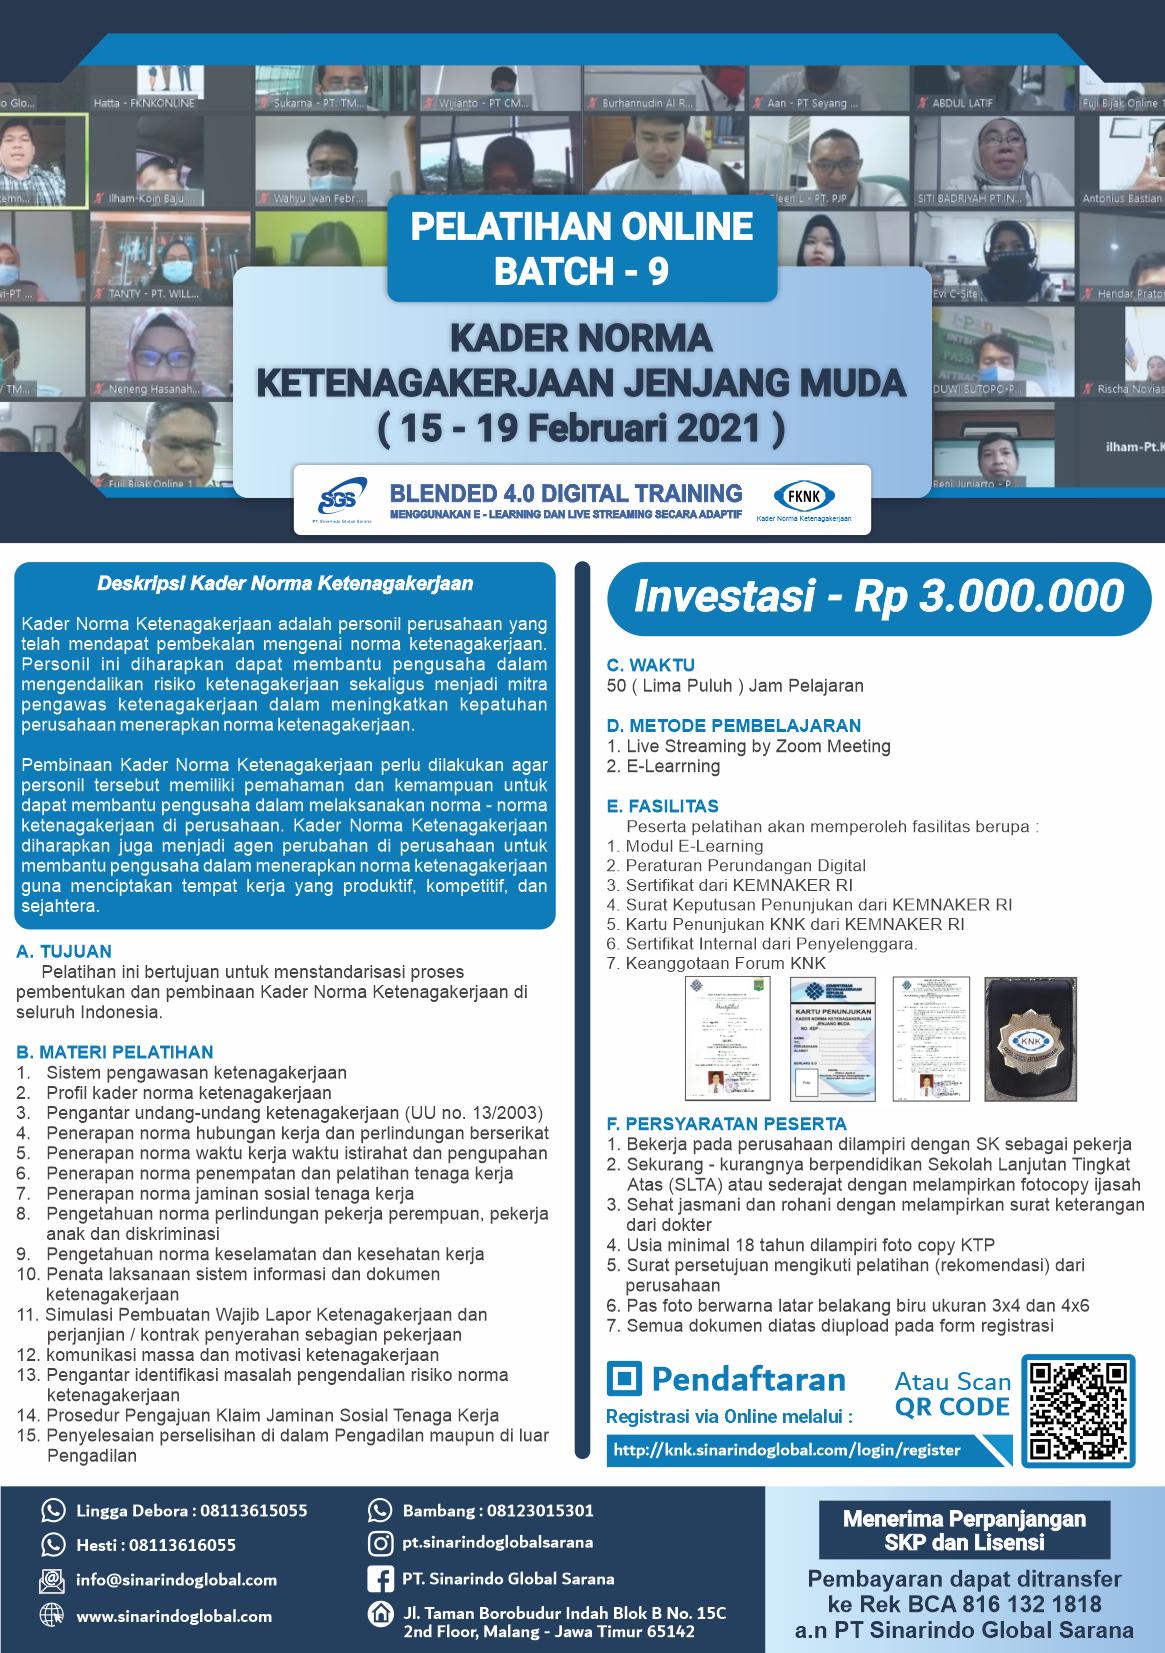 Pelatihan Online Kader Norma Ketenagakerjaan Jenjang Muda - Batch 9 ( 15 - 19 Februari 2021 )